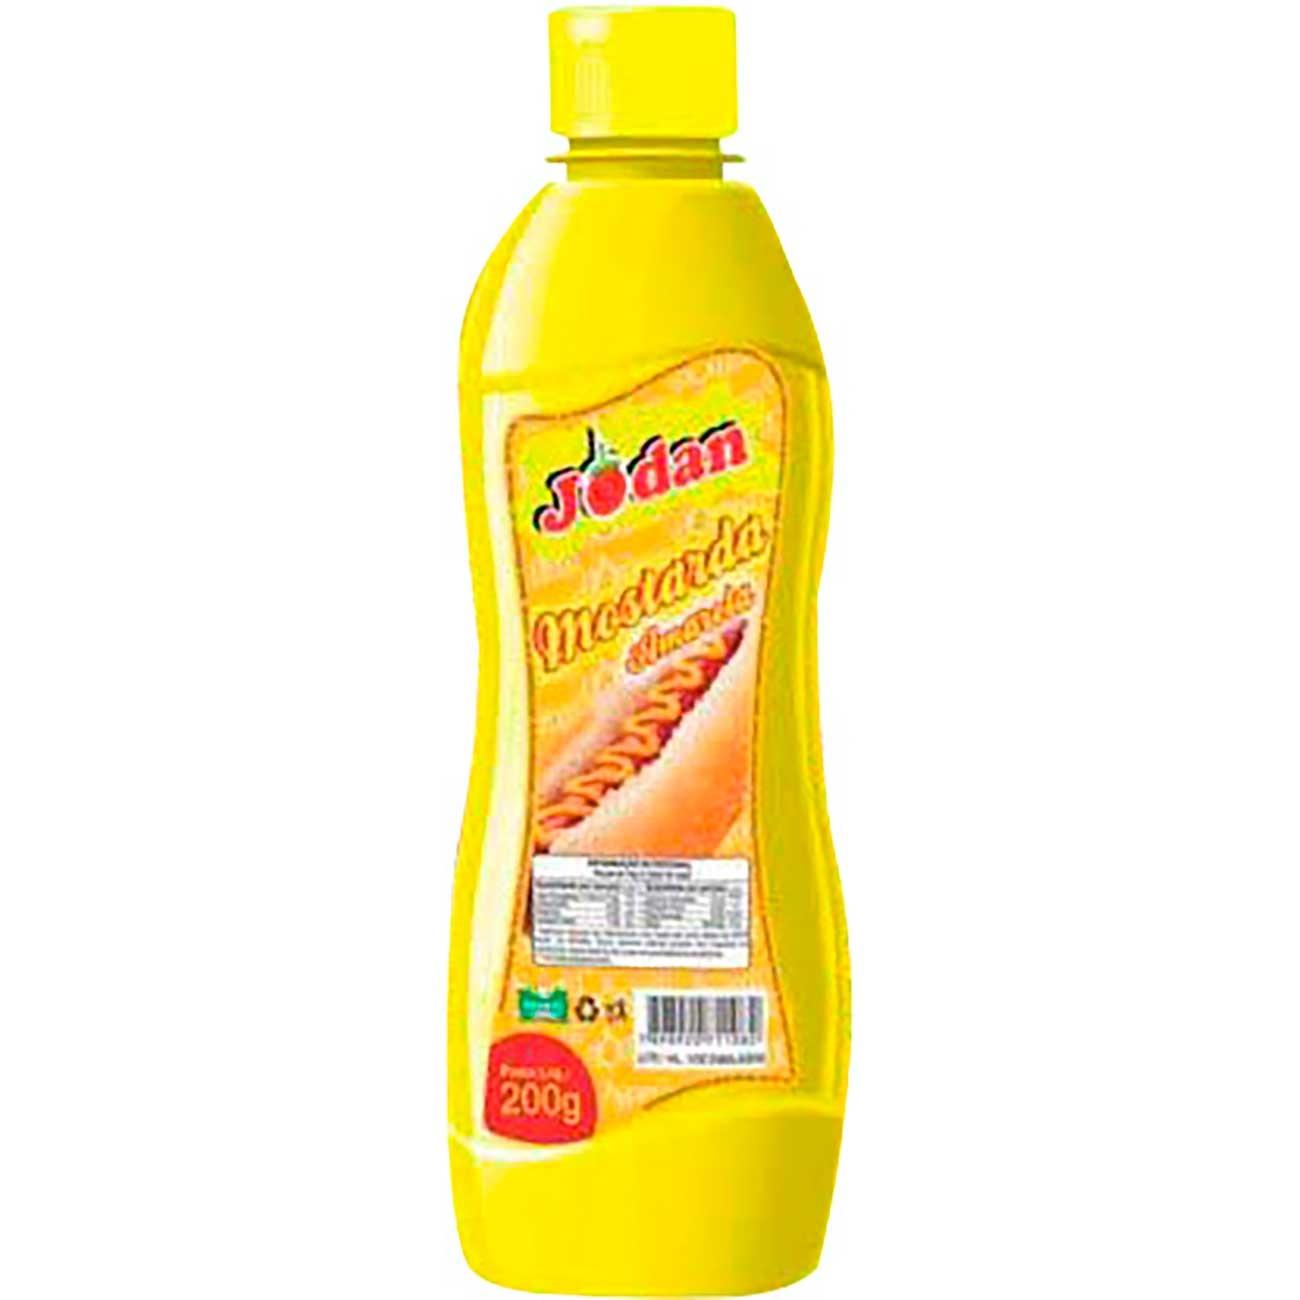 Mostarda Jodan Pet 200g | Caixa com 12 unidades